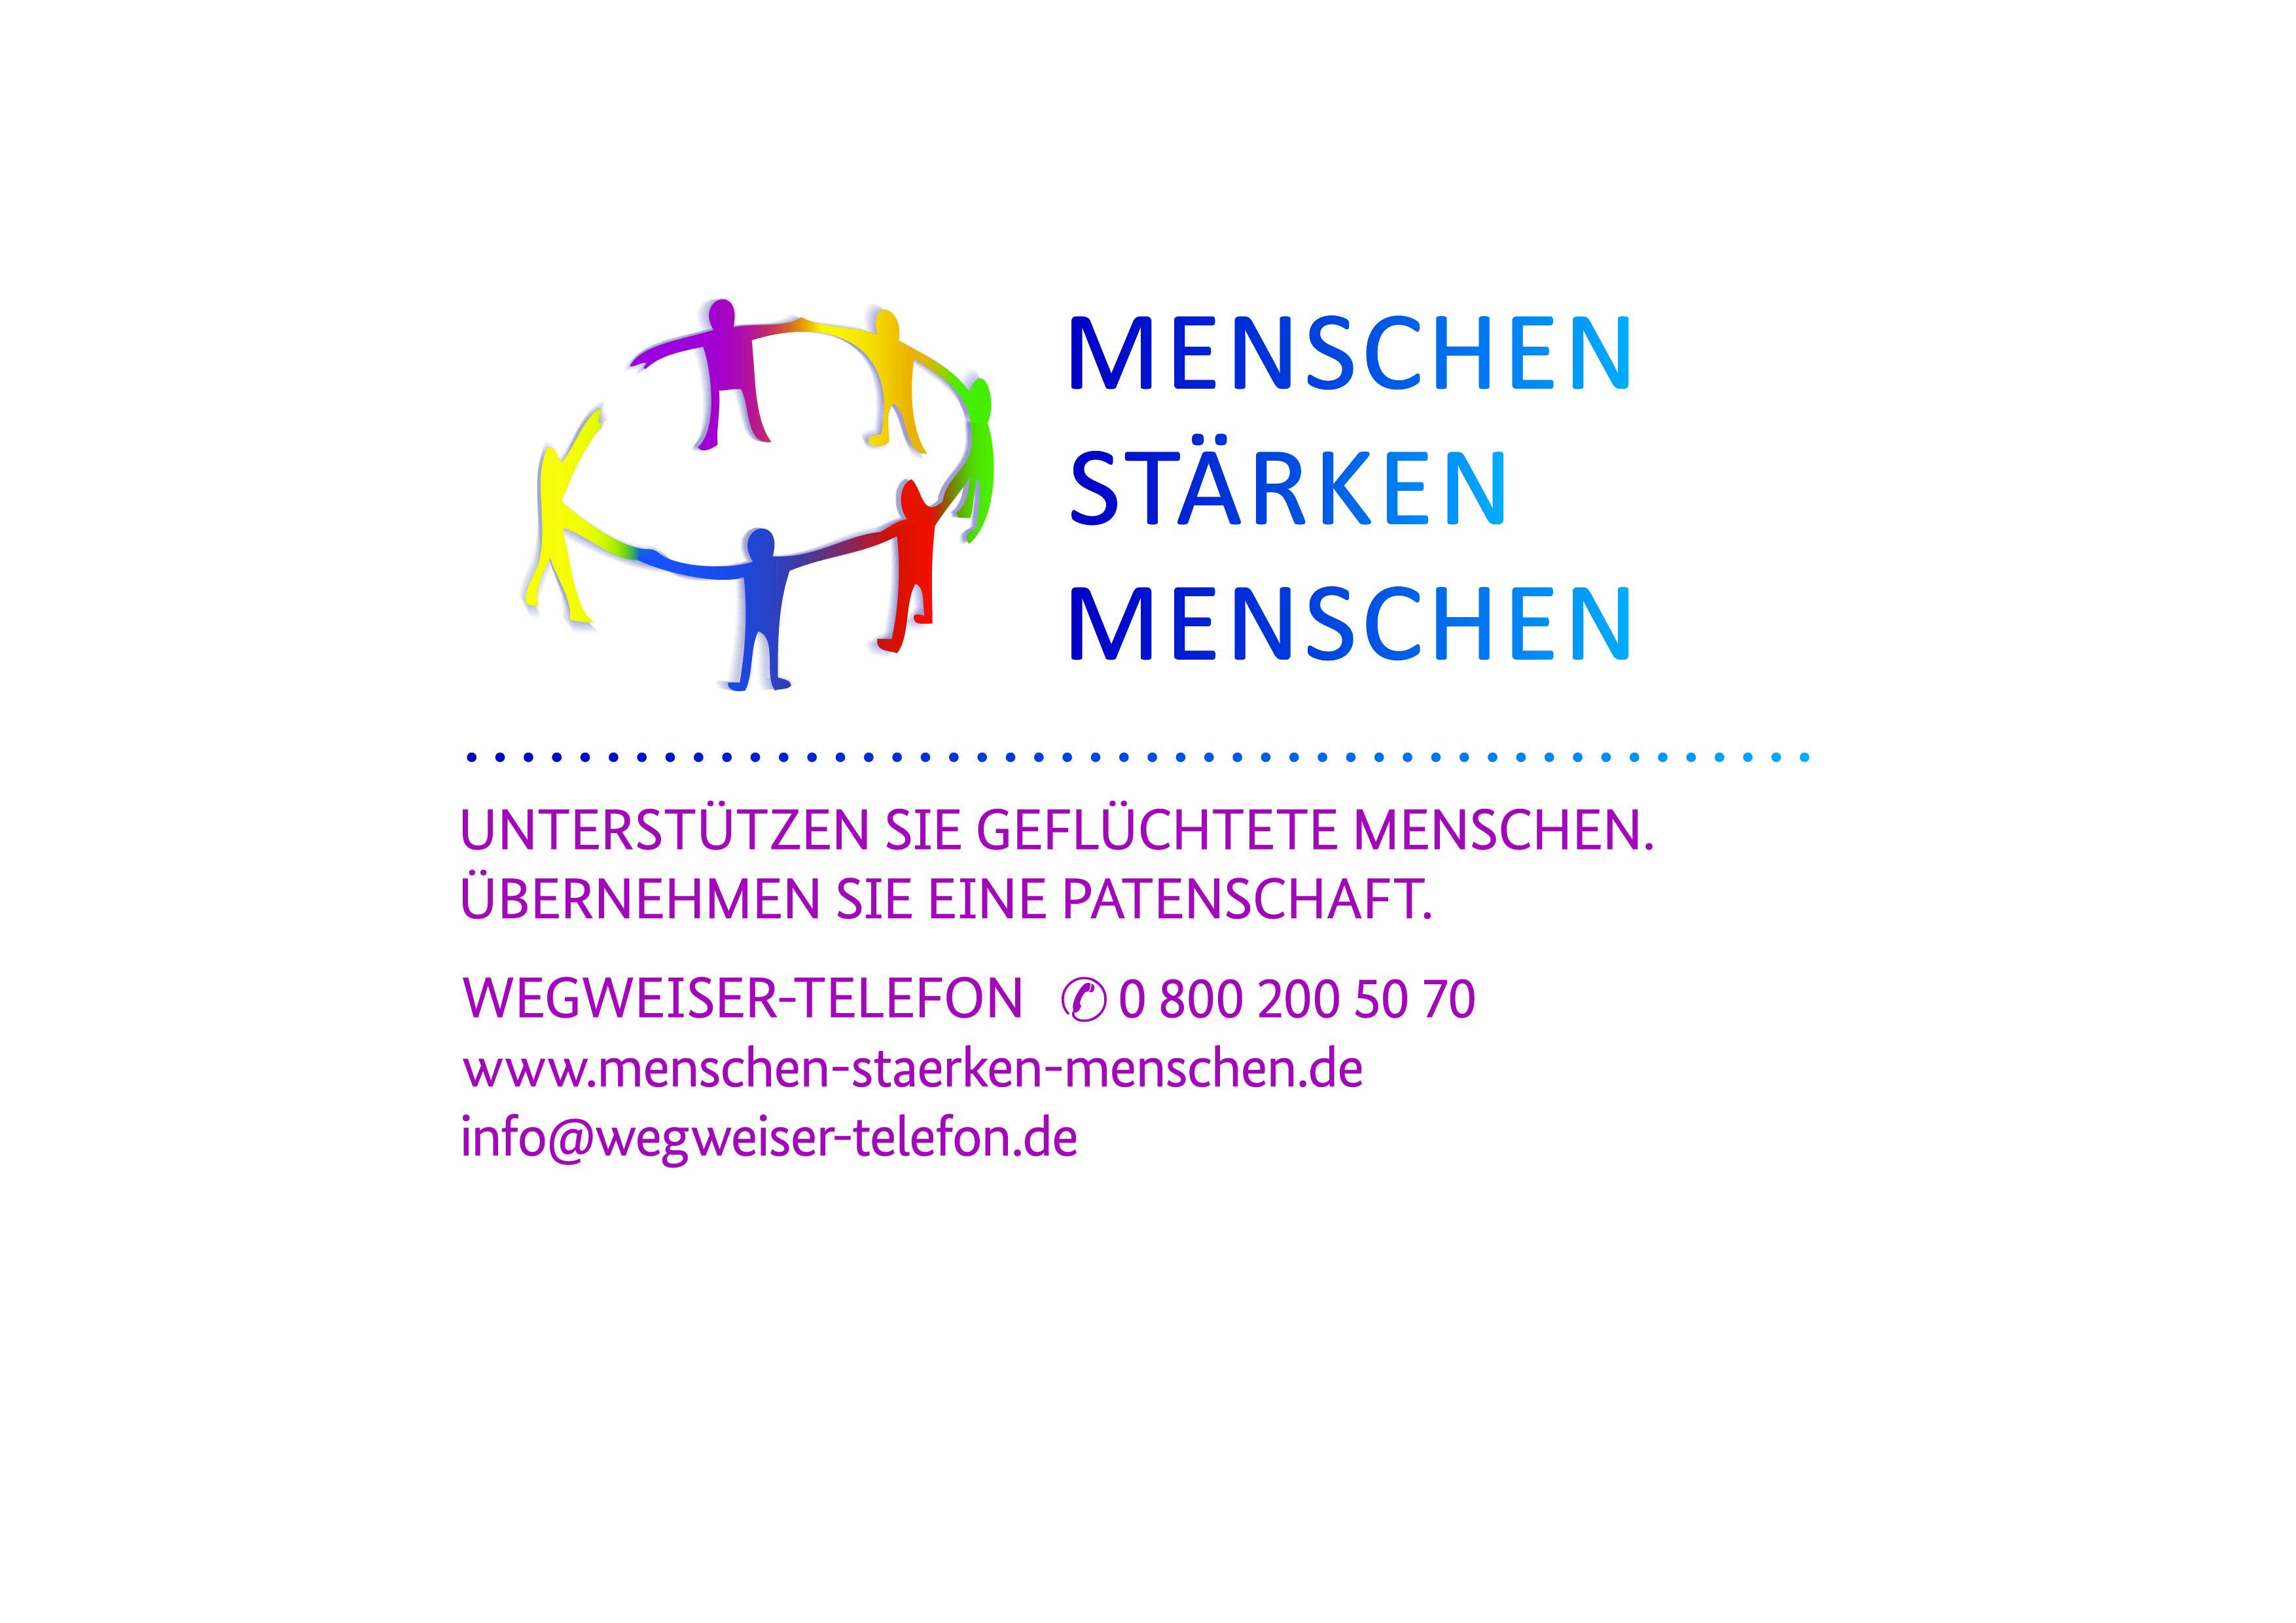 """Patenschaftsprogramm """"Menschen stärken Menschen"""" - Vor kurzem wurde die Stadt Cuxhaven in das Förderprogramm"""